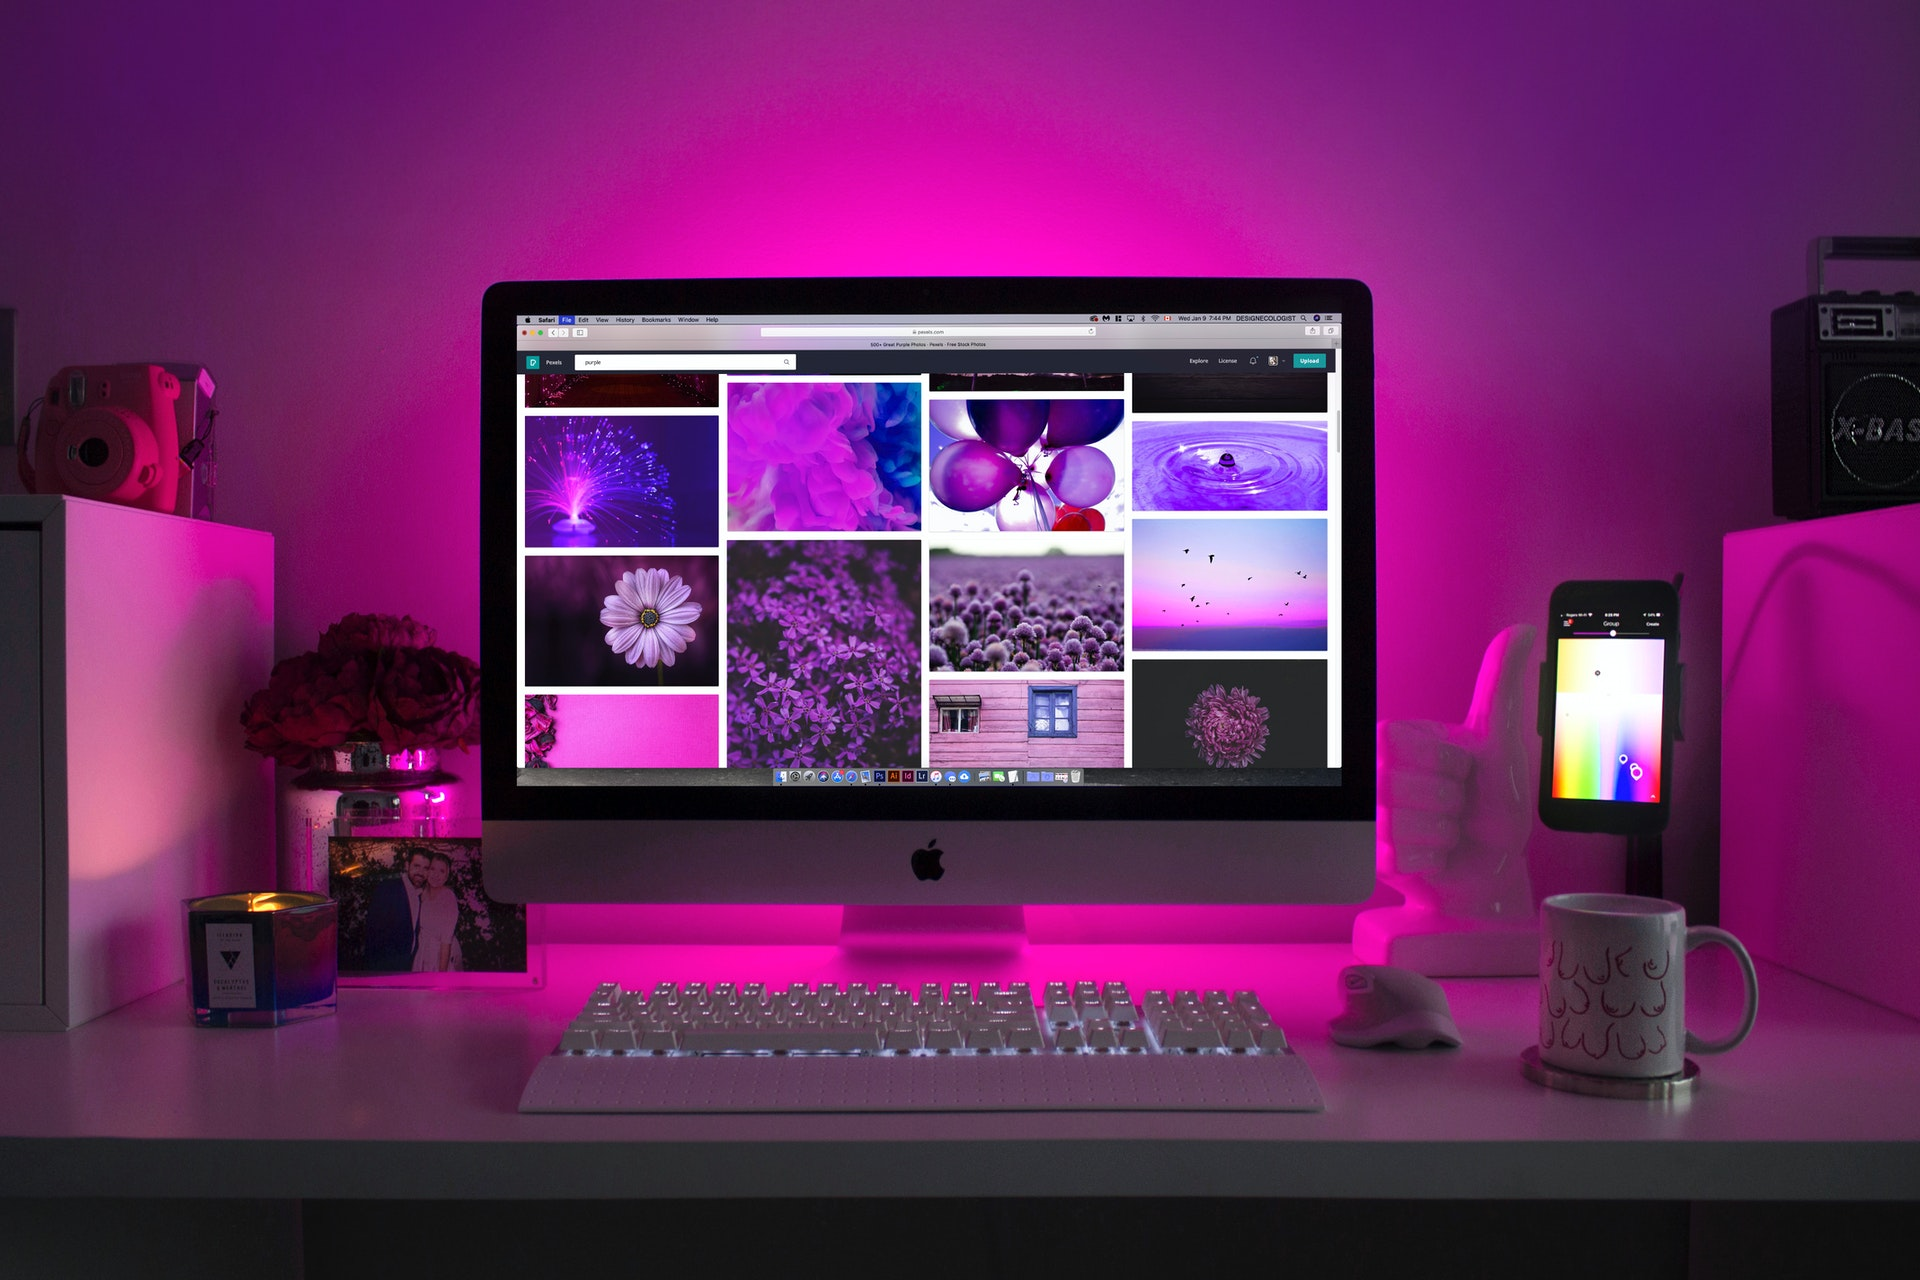 Personnalisation simple de votre site internet